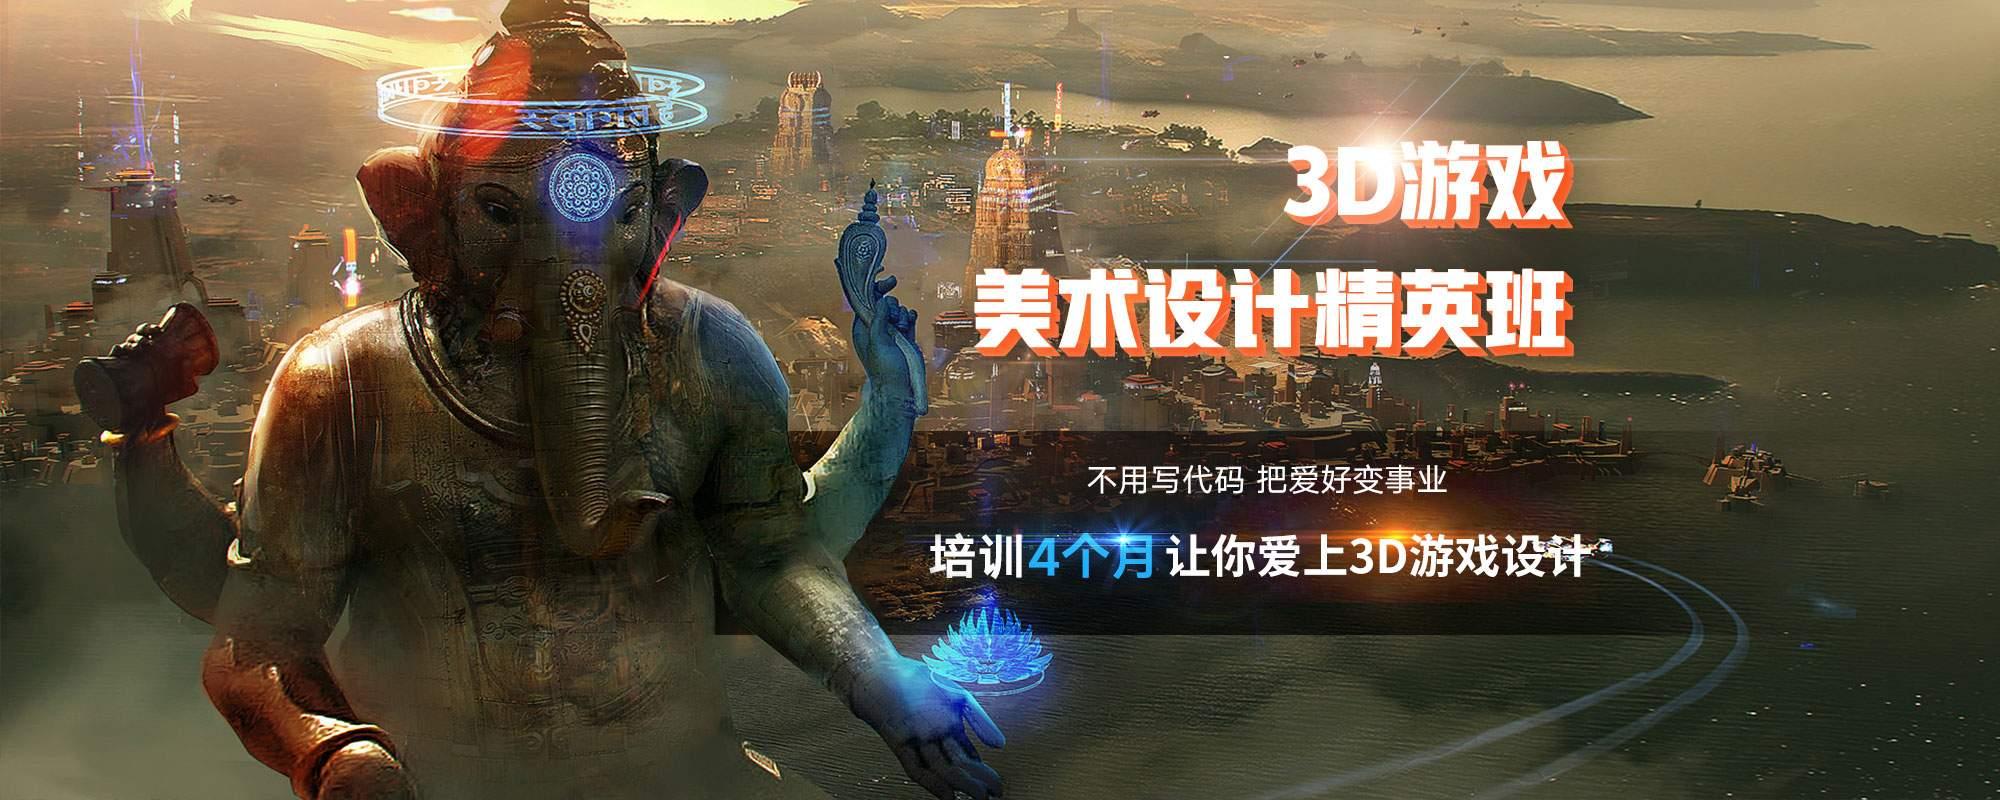 北京3D游戏美术设计师